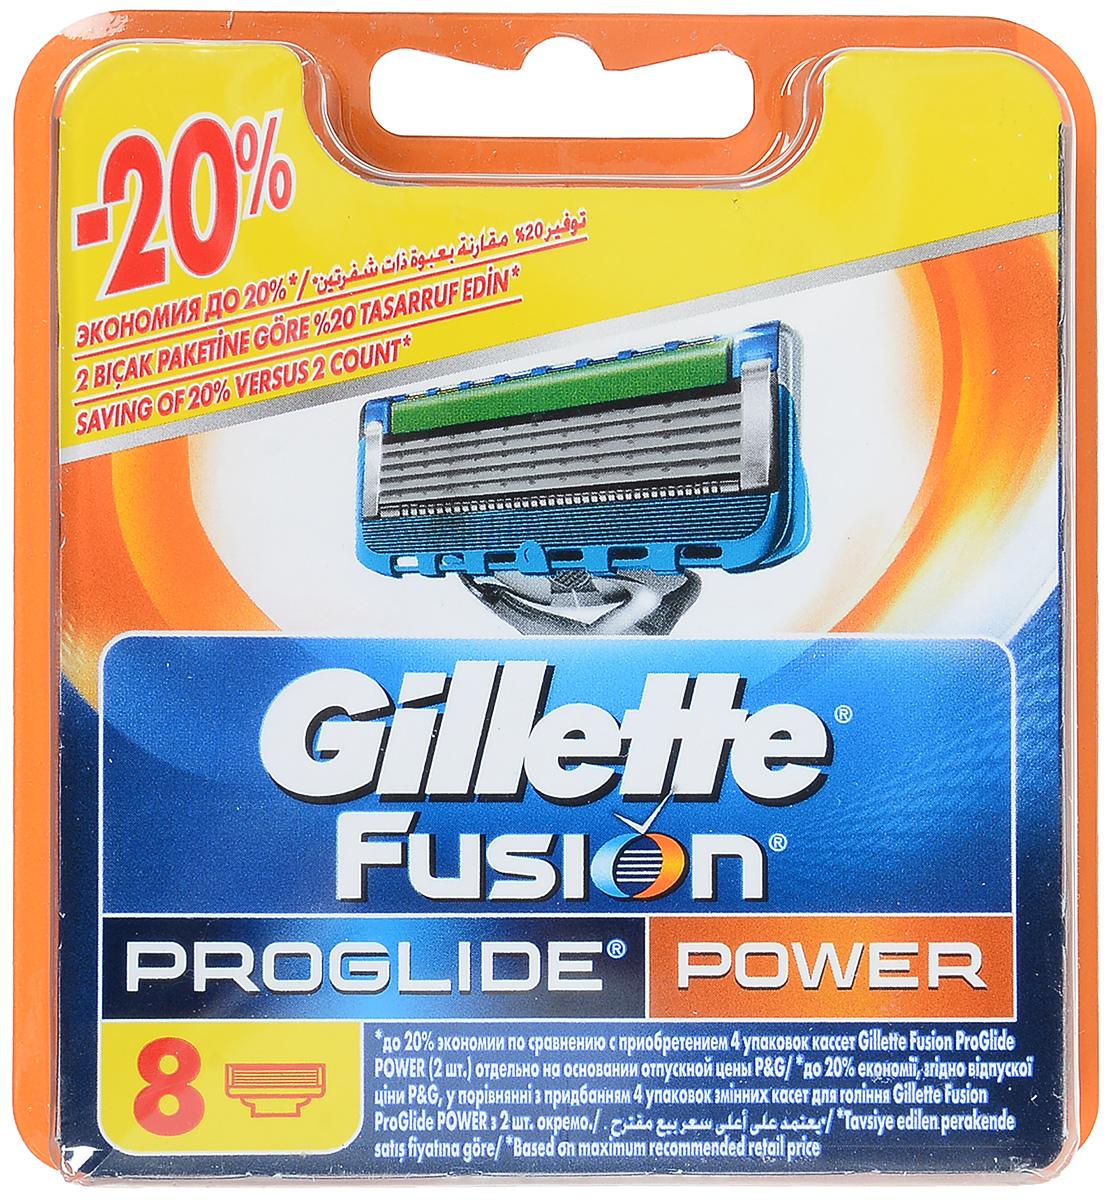 Gillette Сменные кассеты для бритья Fusion ProGlide Power, 8 шт1101Gillette - лучше для мужчины нет!Gillette Fusion ProGlide Power – это самая инновационная бритва от Gillette, которая обеспечивает действительно революционное скольжение и гладкость бритья.Новая бритва оснащена самыми тонкими лезвиями от Gillette со специальным покрытием, снижающим сопротивление. Для революционного скольжения и невероятной гладкости бритья, даже по сравнению с Fusion.Невооруженным глазом вы можете не заметить все последние инновации в НОВЫХ бритвах Gillette Fusion ProGlide и Gillette Fusion ProGlide Power, но после первого раза вы почувствуете, что бритье превратилось в скольжение.При покупке упаковки сменных кассет ProGlide или ProGlide Power из 8 шт. вы экономите до 20% по сравнению с покупкой четырех упаковок из 2 шт. (на основании отпускной цены Procter&Gamble).Самые тонкие лезвия от Gillette для революционного скольжения и гладкости бритья(первые лезвия в кассетах Fusion ProGlide тоньше, чем лезвия Fusion).Расширенная увлажняющая полоска с минеральными маслами и полимерами обеспечивает лучшее скольжение.Каналы для удаления излишков геля гарантируют максимально комфортное бритье.Улучшенное лезвие-триммер оптимизирует бритье на сложных участках: виски, область под носом, шея.Стабилизатор лезвий поддерживает оптимальное расстояние между лезвиями во время бритья.Микрорасческа направляет волоски к лезвию для более гладкого бритья.Товар сертифицирован.